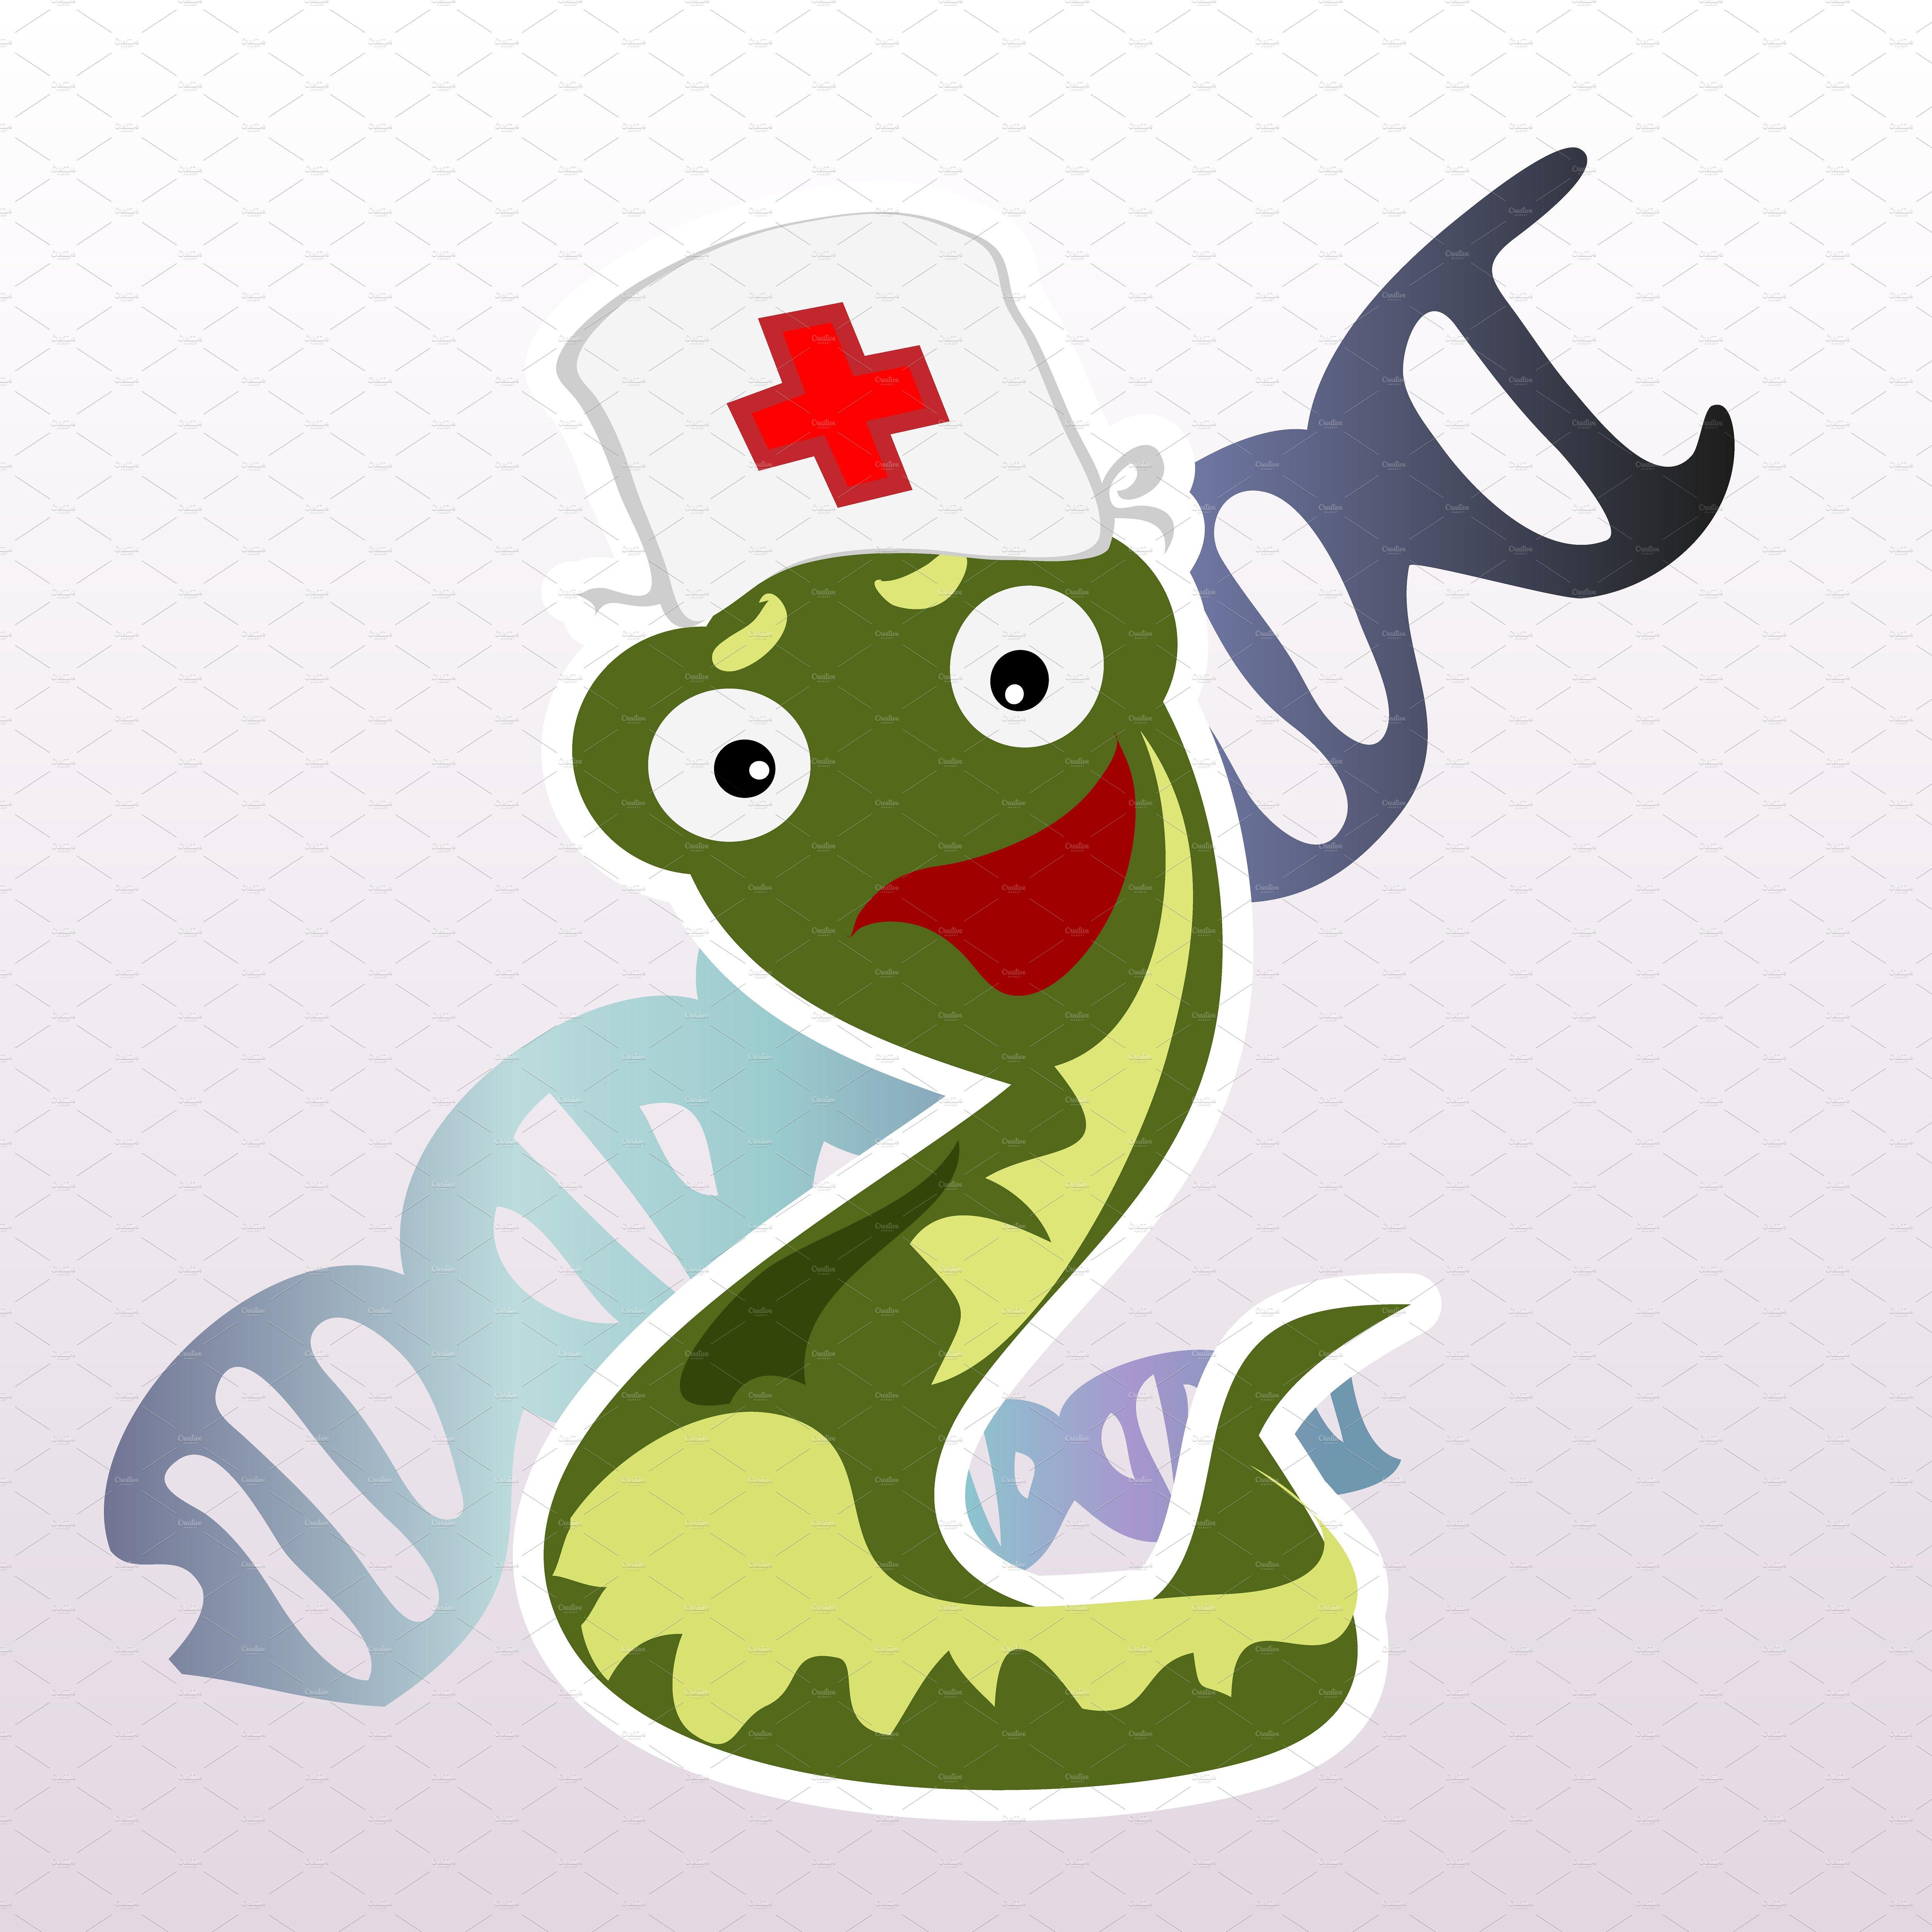 Little cartoon doctor snake ~ Illustrations on Creative Market.